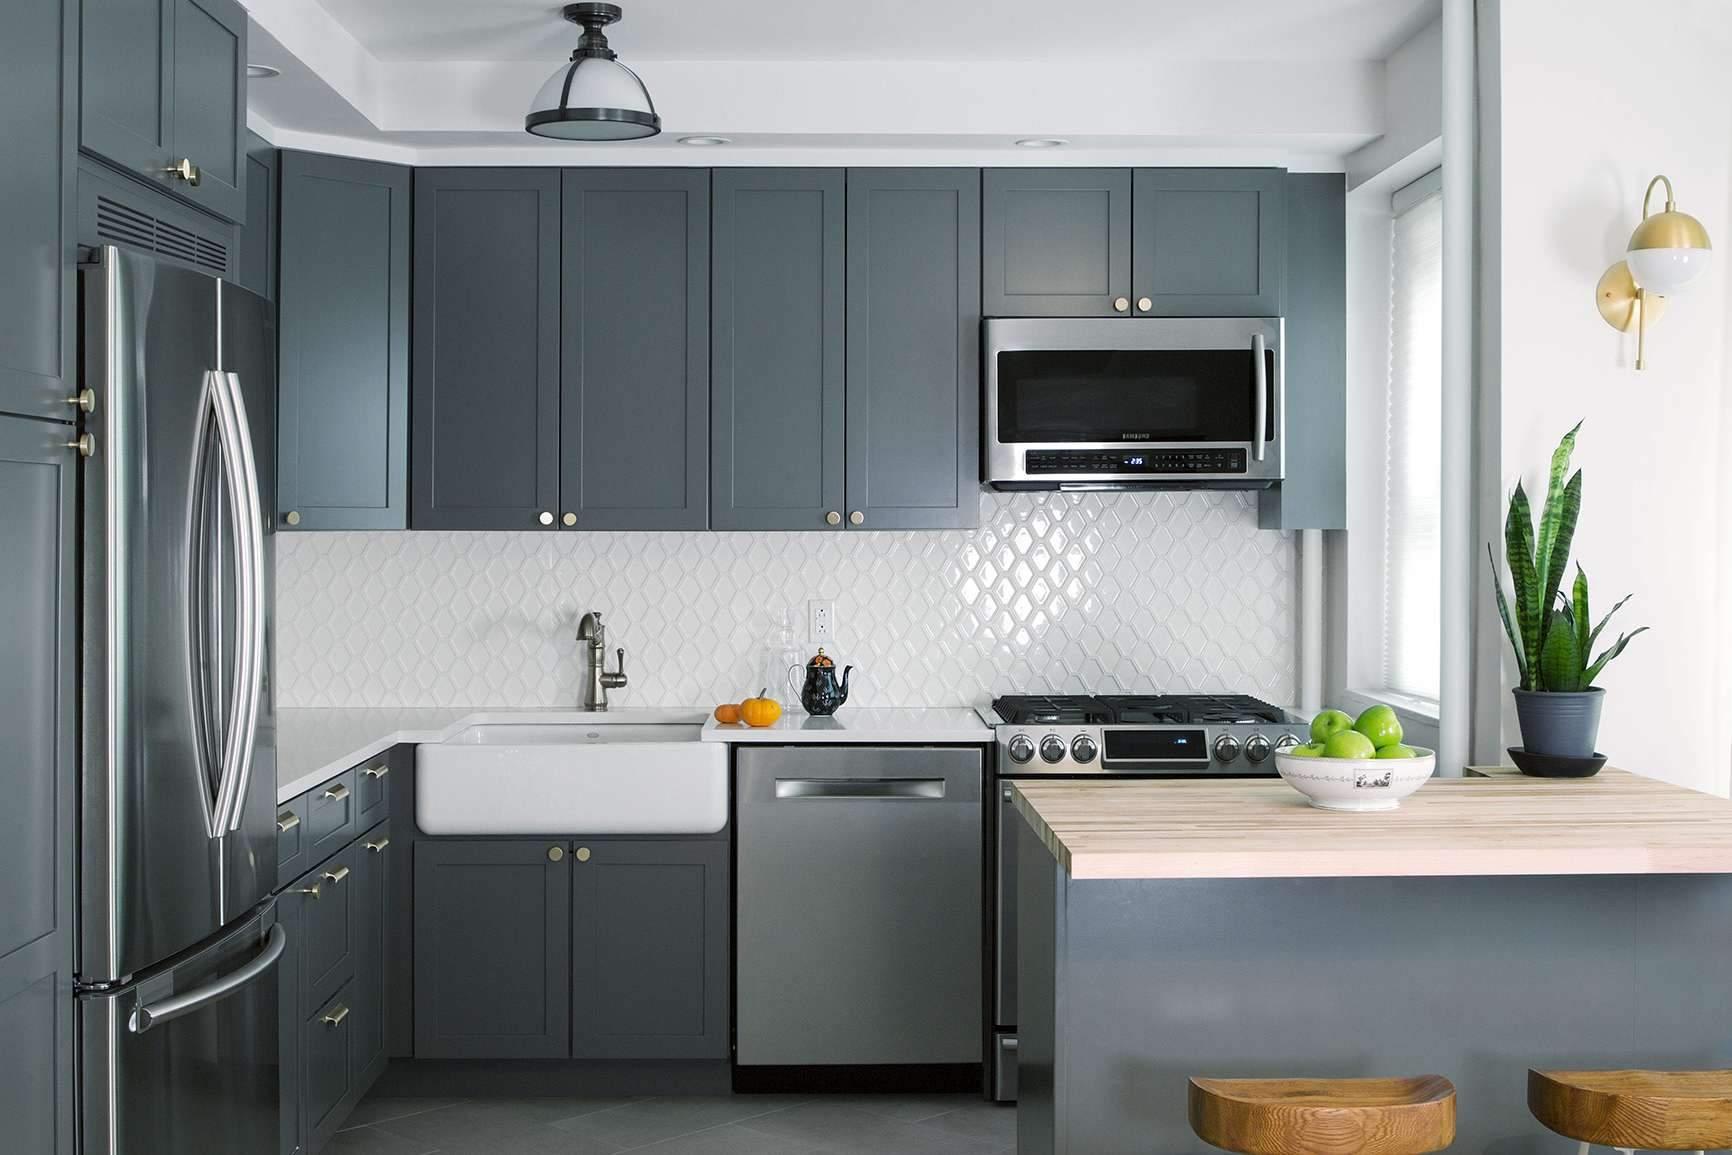 Gоєднання сірого та пастельних тонів на кухні